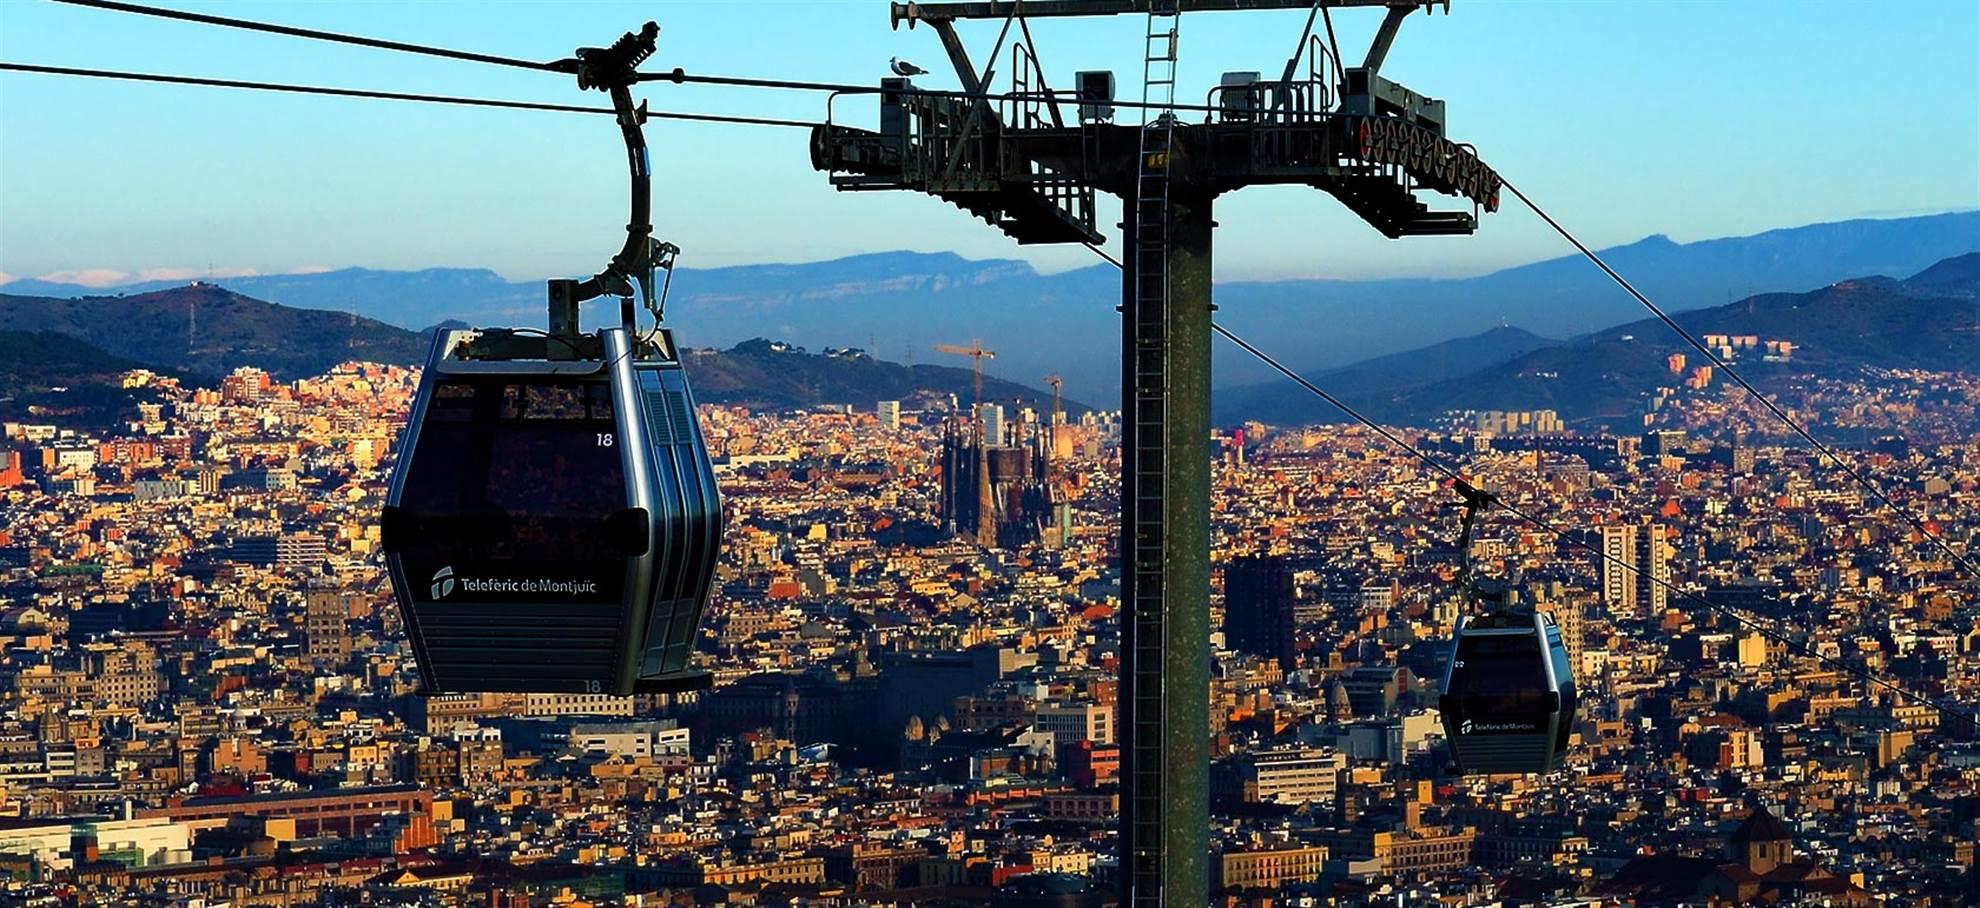 Kabelbaan Barcelona - Teleferic Montjuic